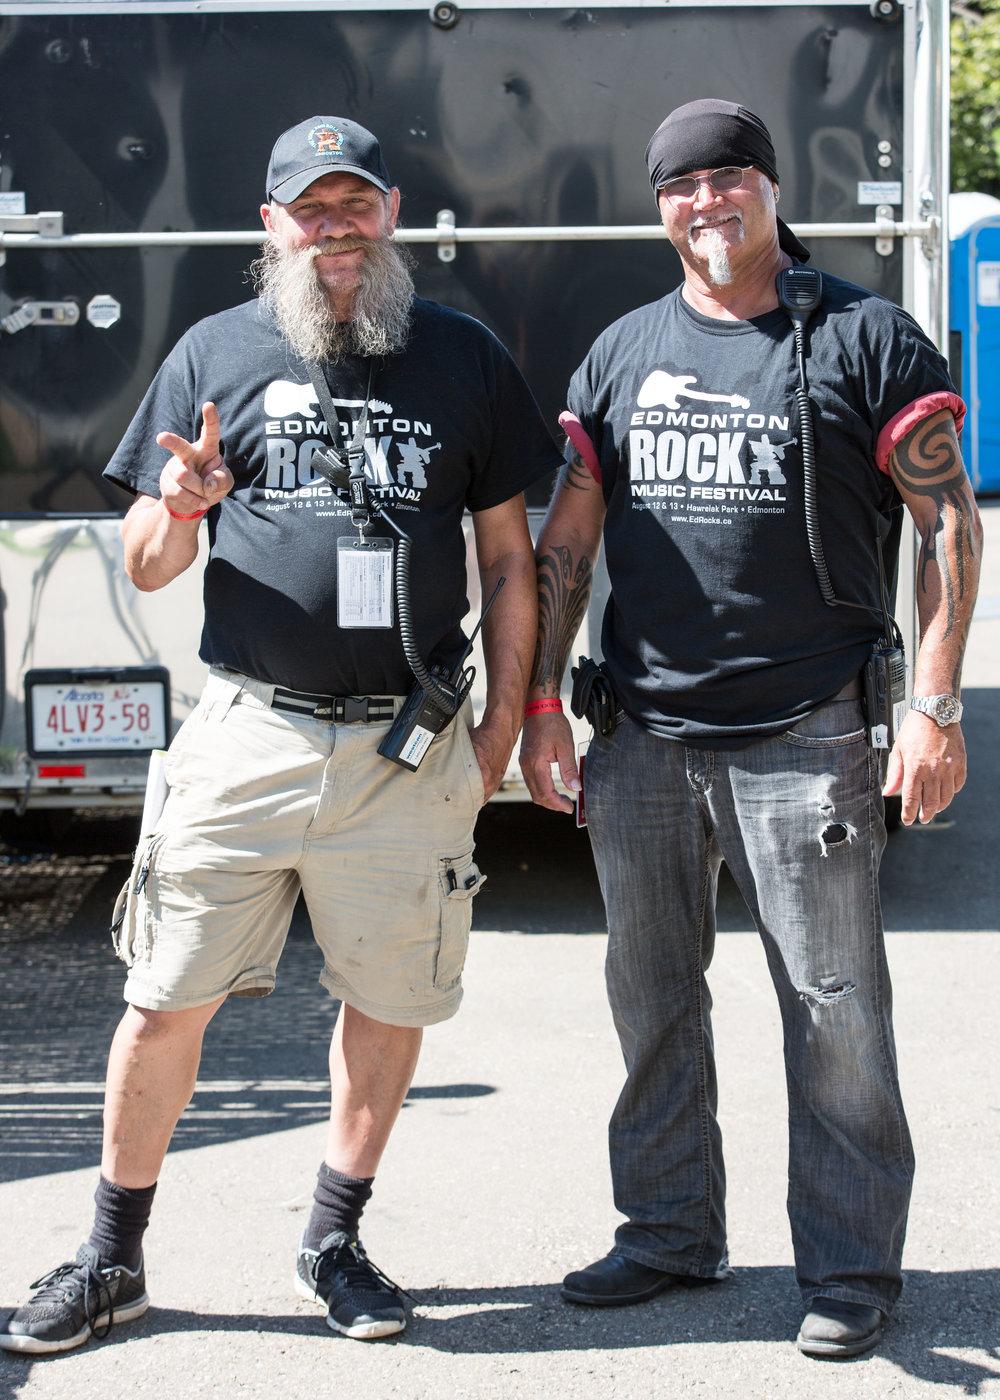 Rock festival--22.jpg